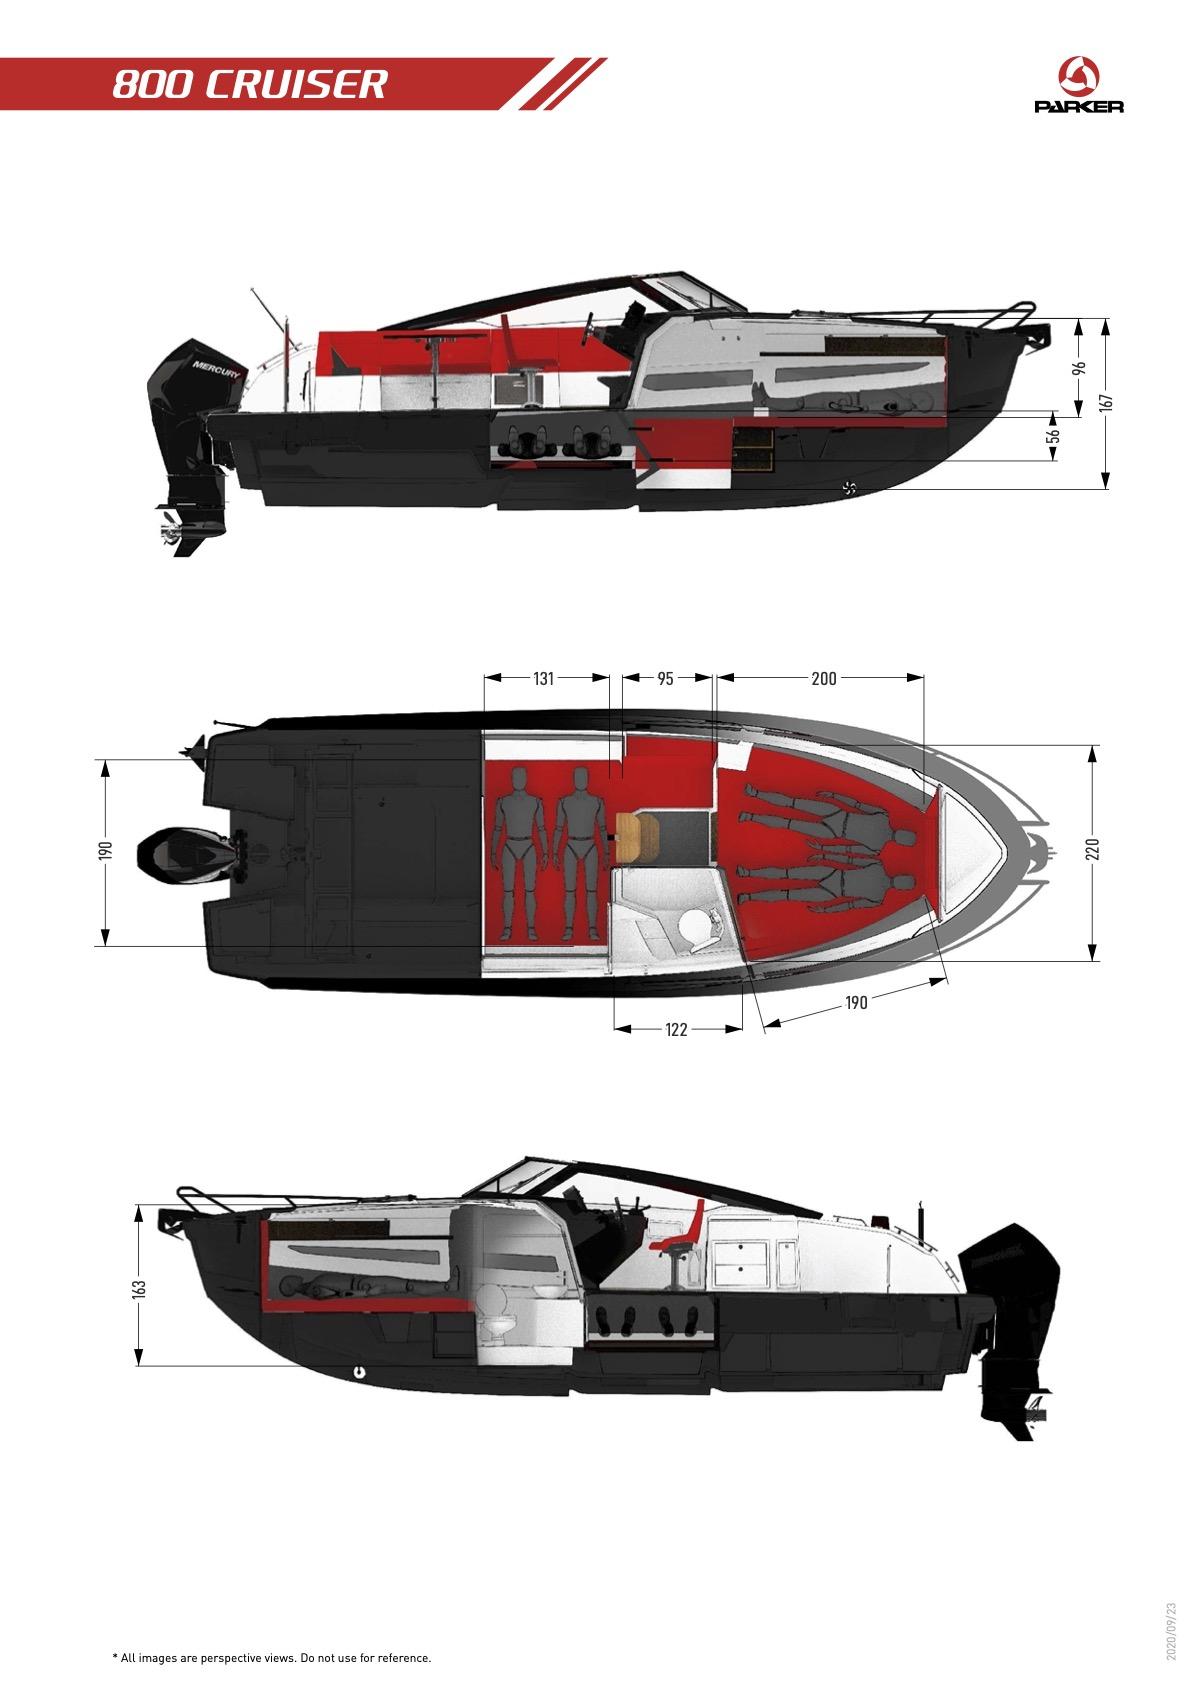 Parker 800 Cruiser plan de pont interieur